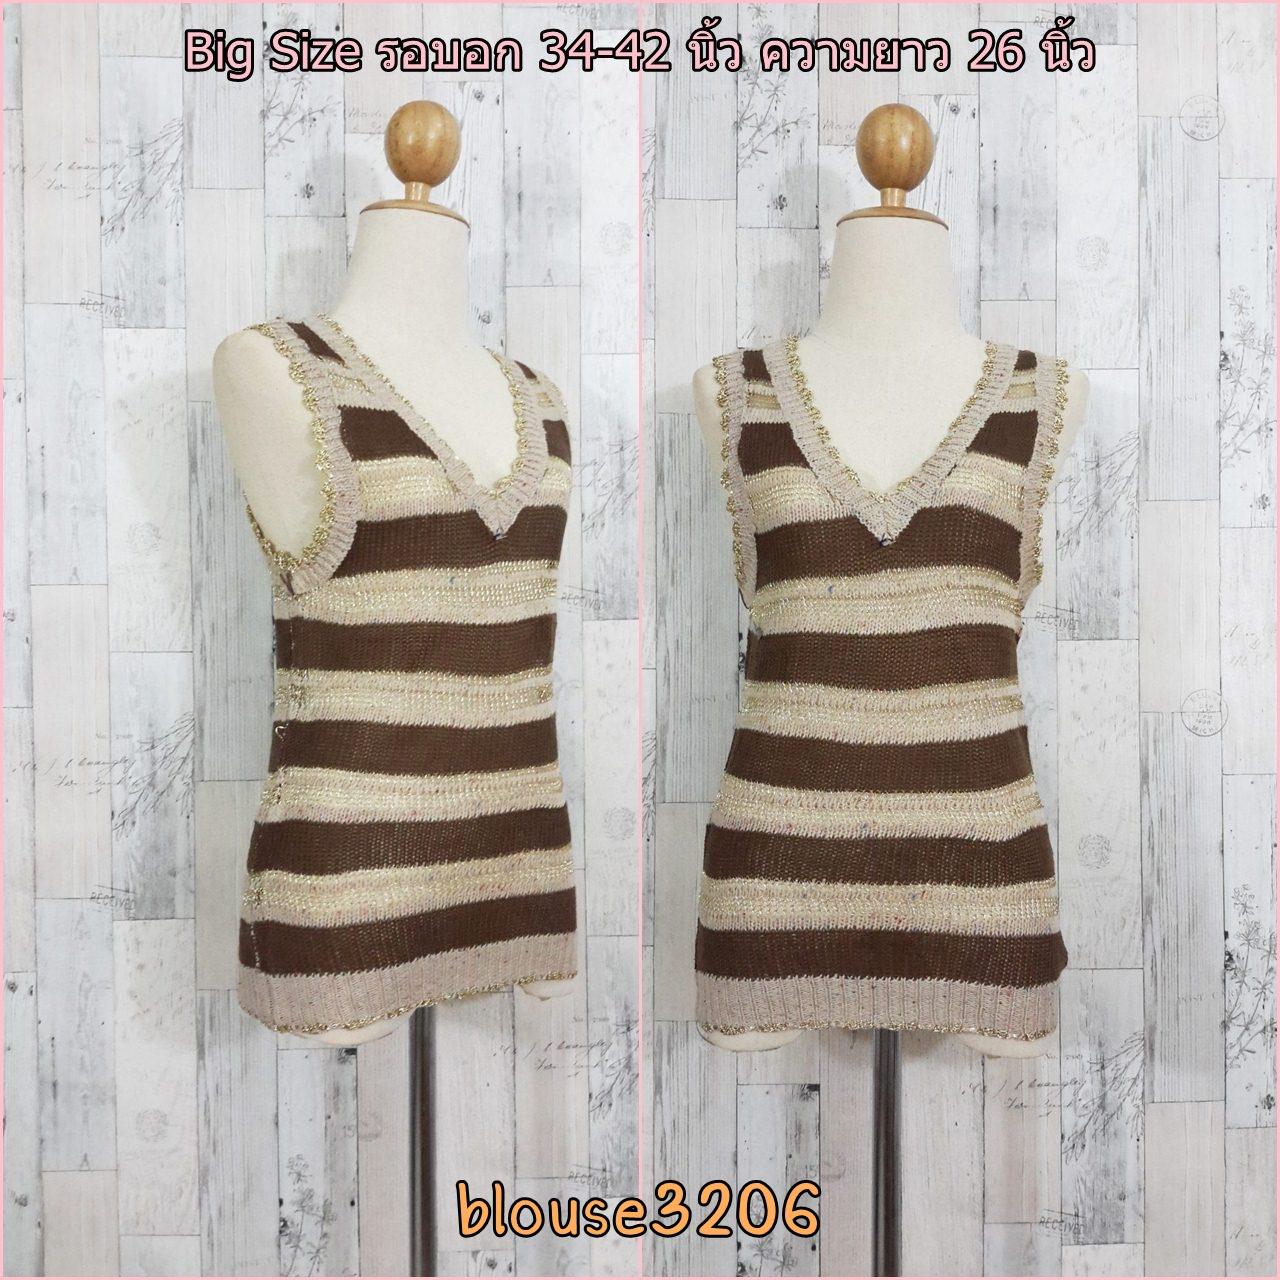 Blouse3206 เสื้อแฟชั่น คอวี แขนกุด ผ้าไหมพรมยืดสลับสี โทนสีน้ำตาล